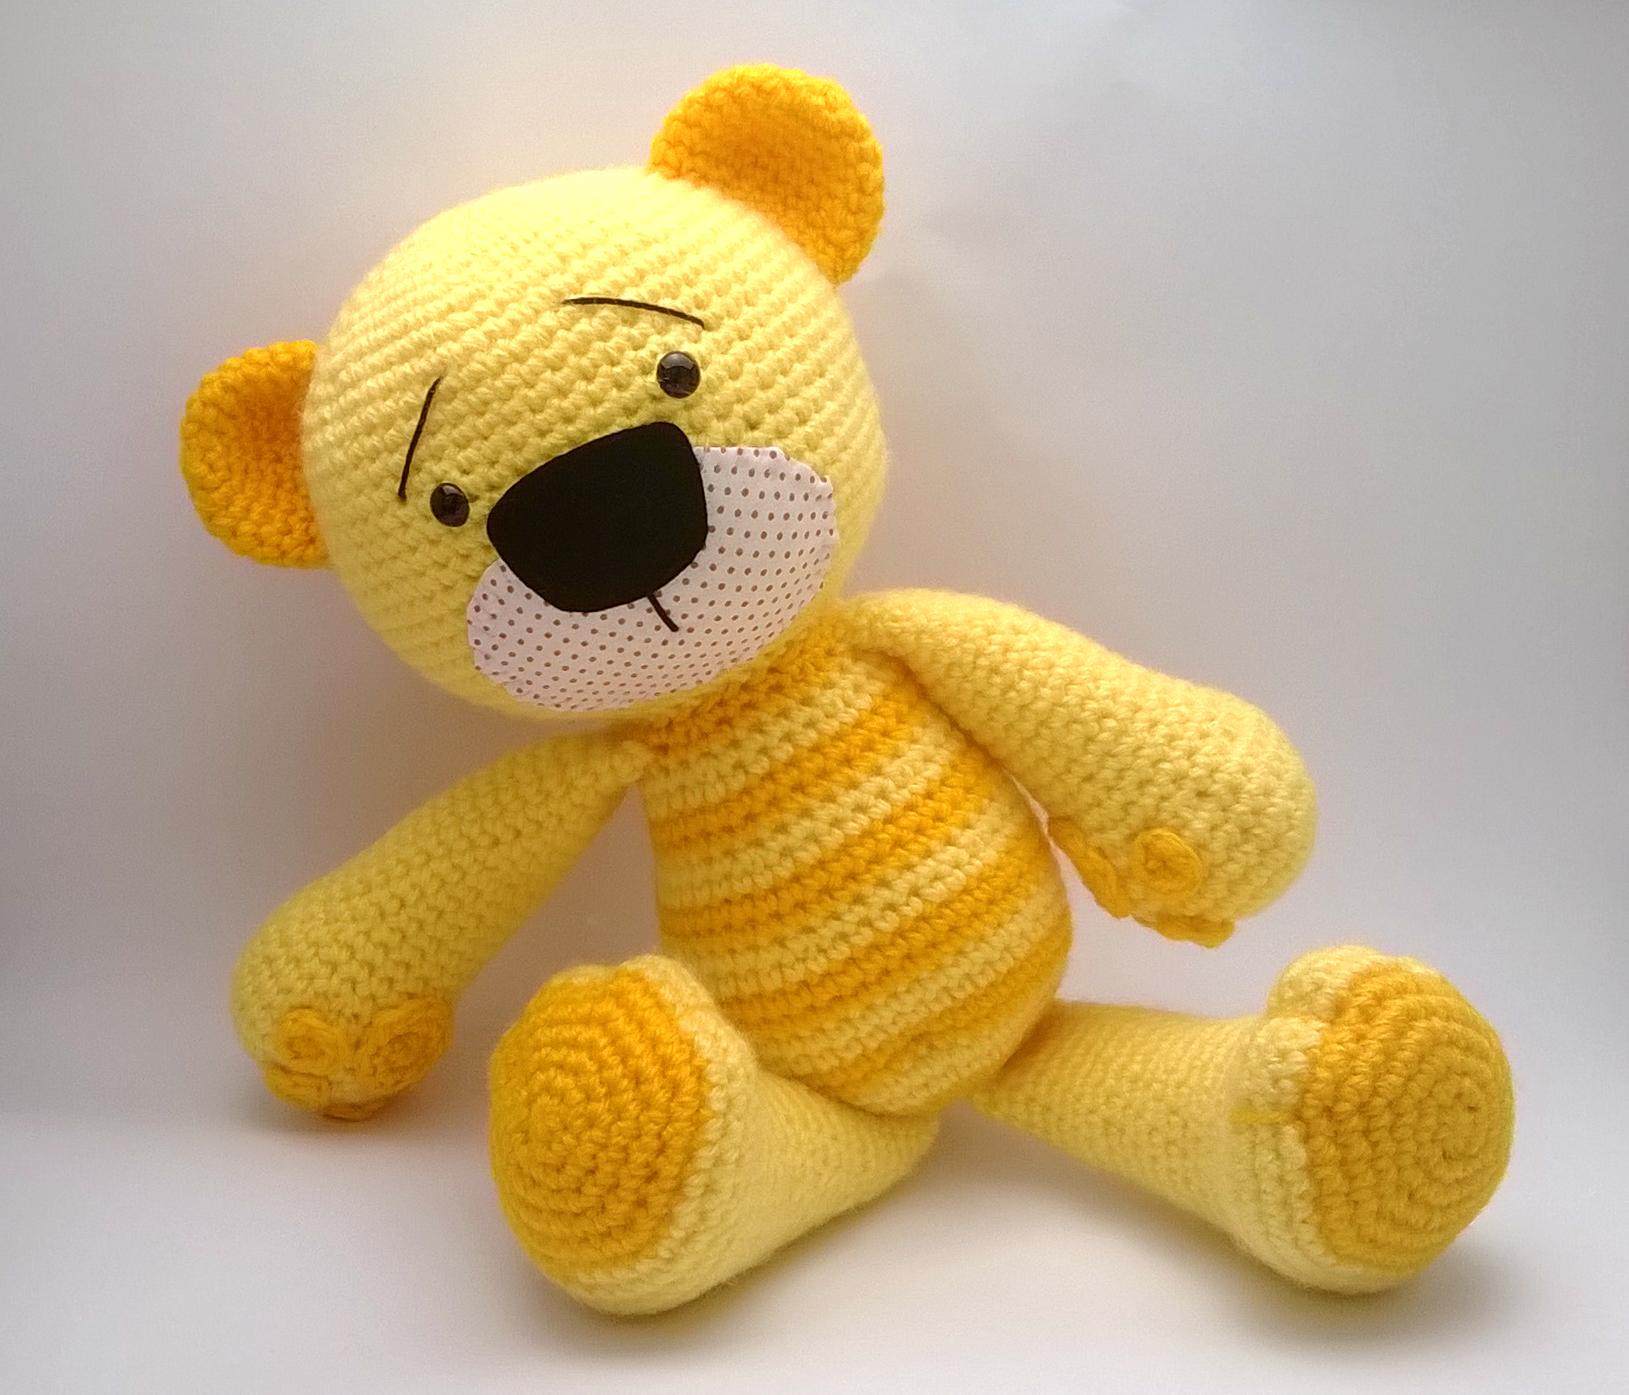 Ursinho de crochê | Urso de crochê, Amigurumi de animais de crochê ... | 1395x1629